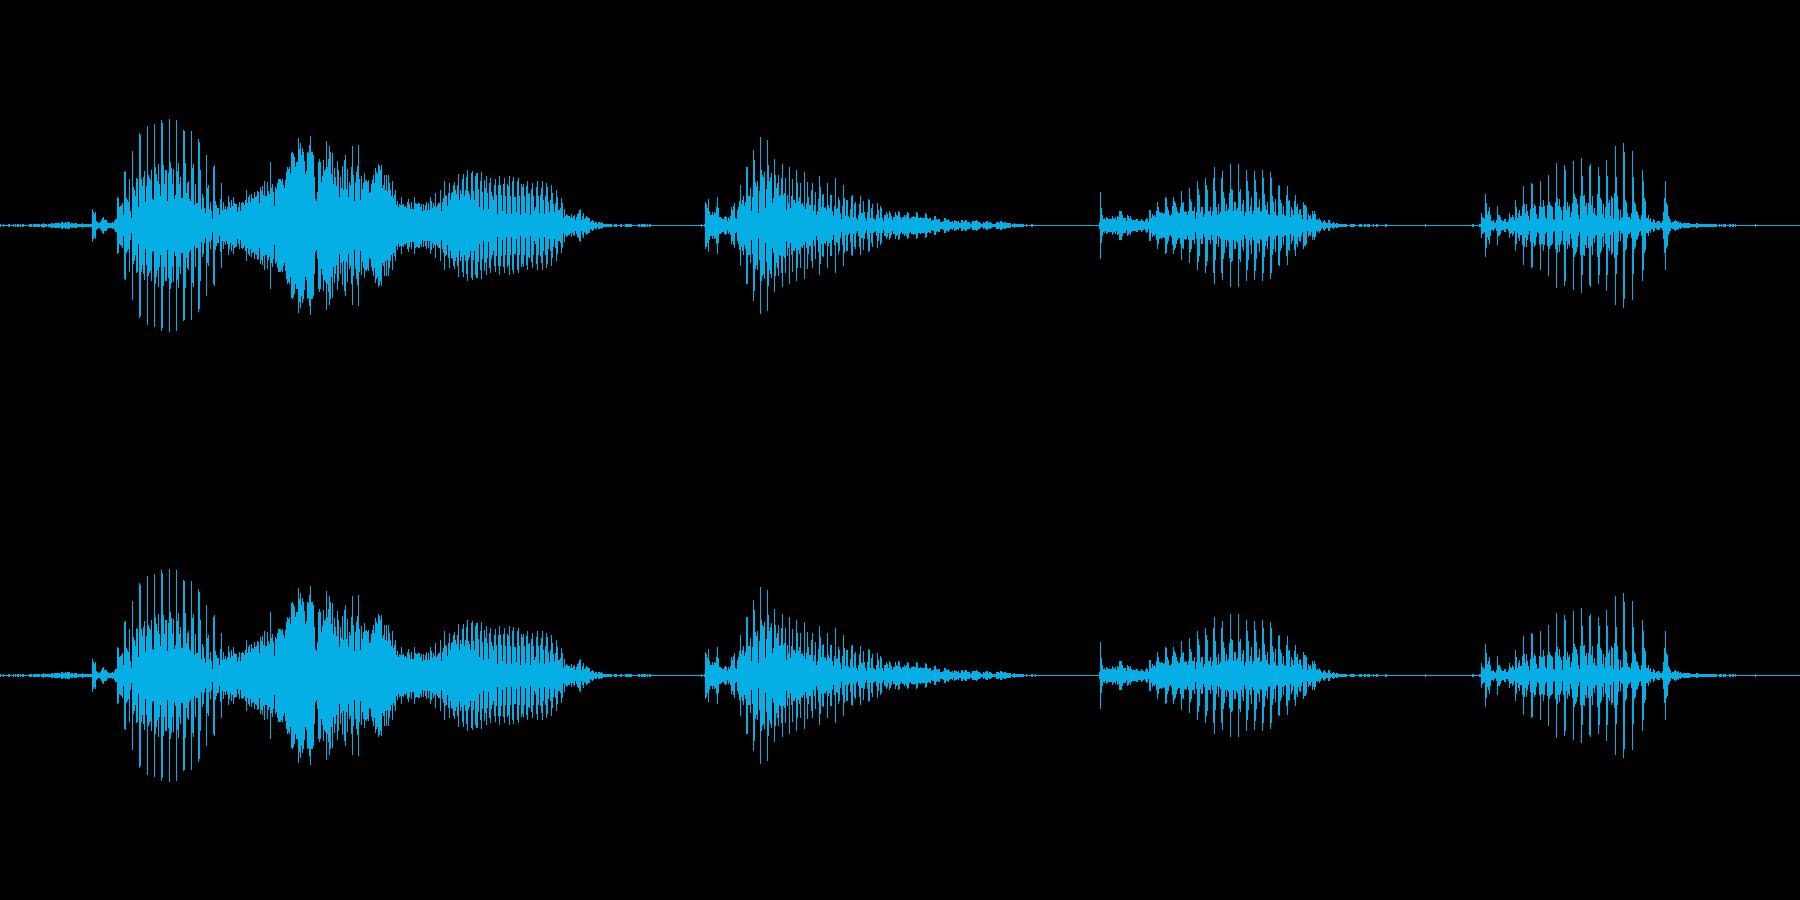 【日数・経過】5週間経過の再生済みの波形